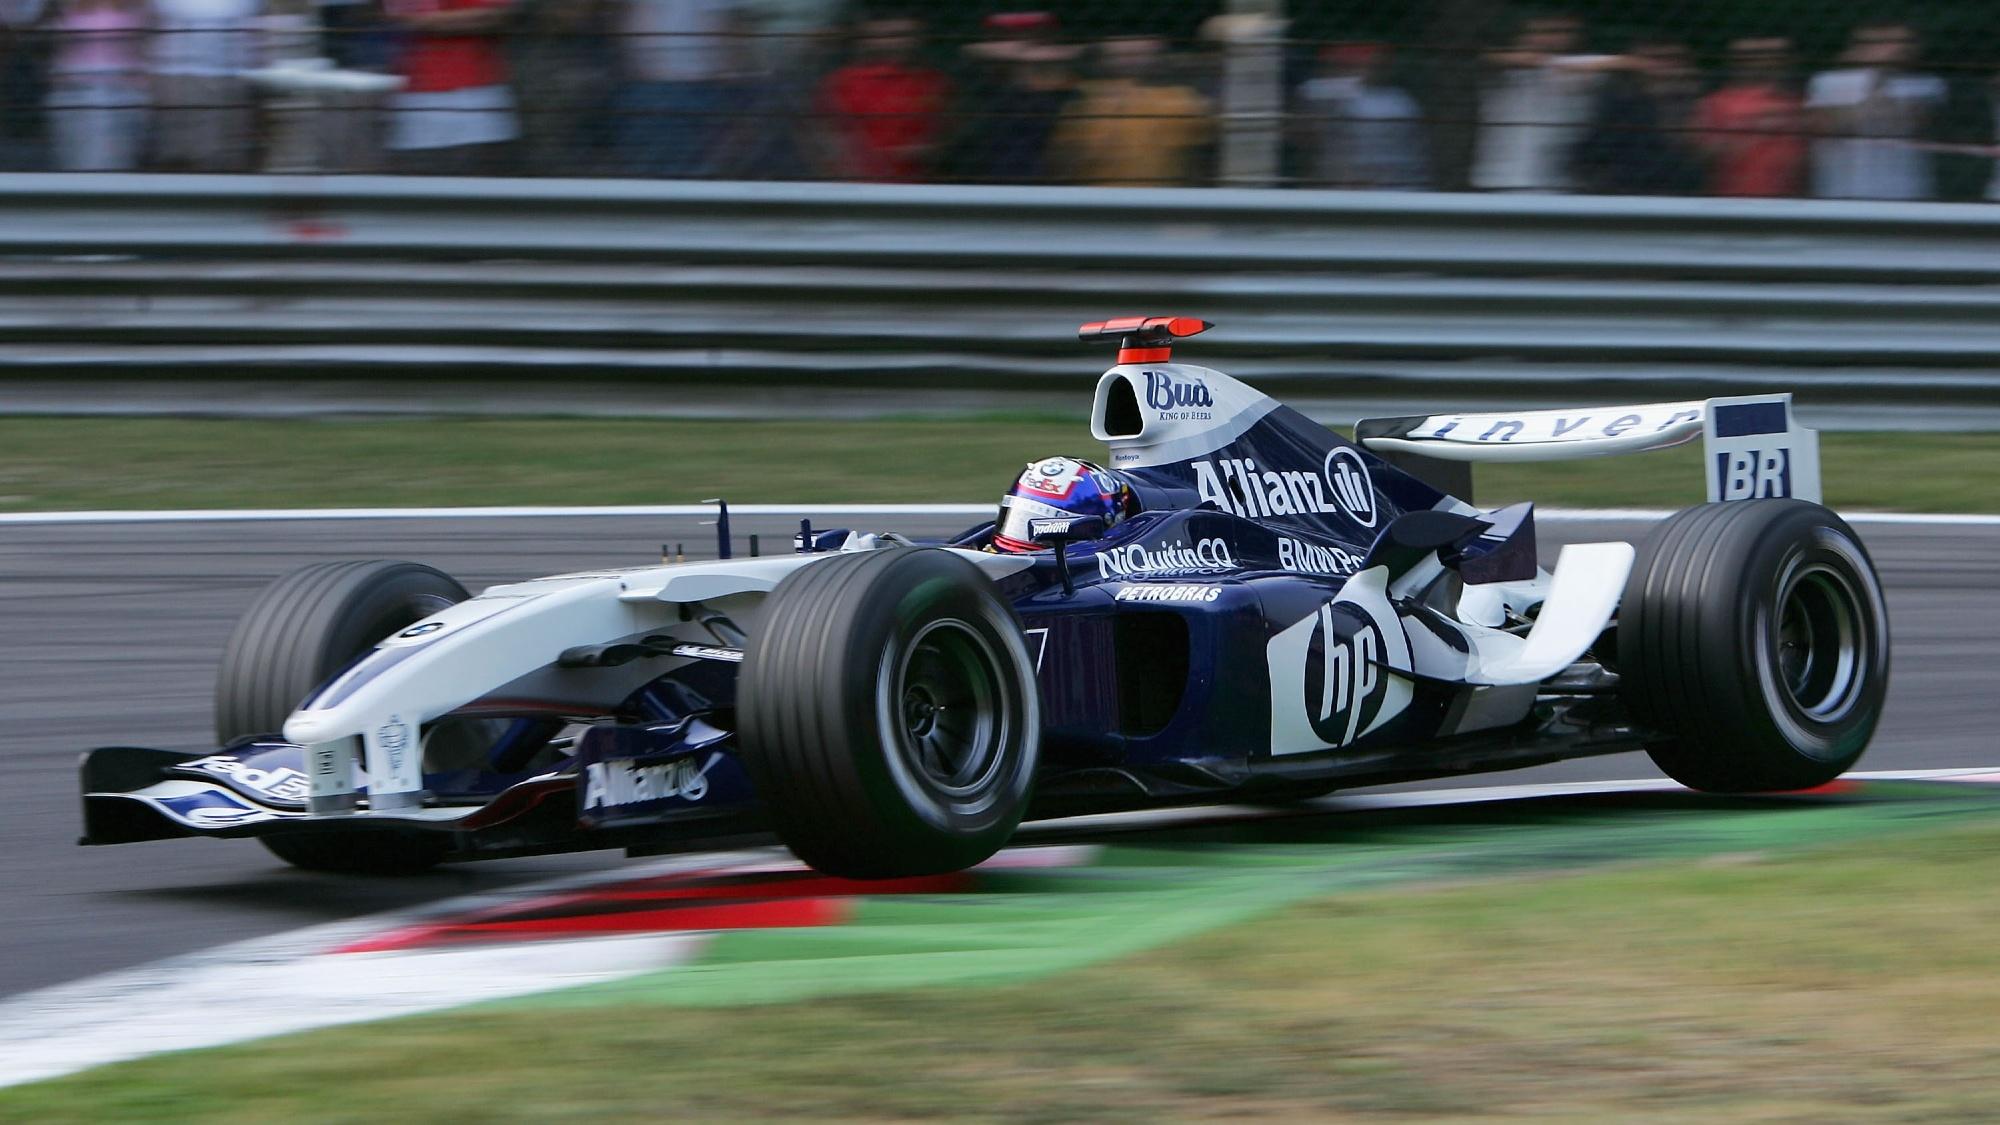 Juan Pablo Montoya, 2002 Italian GP